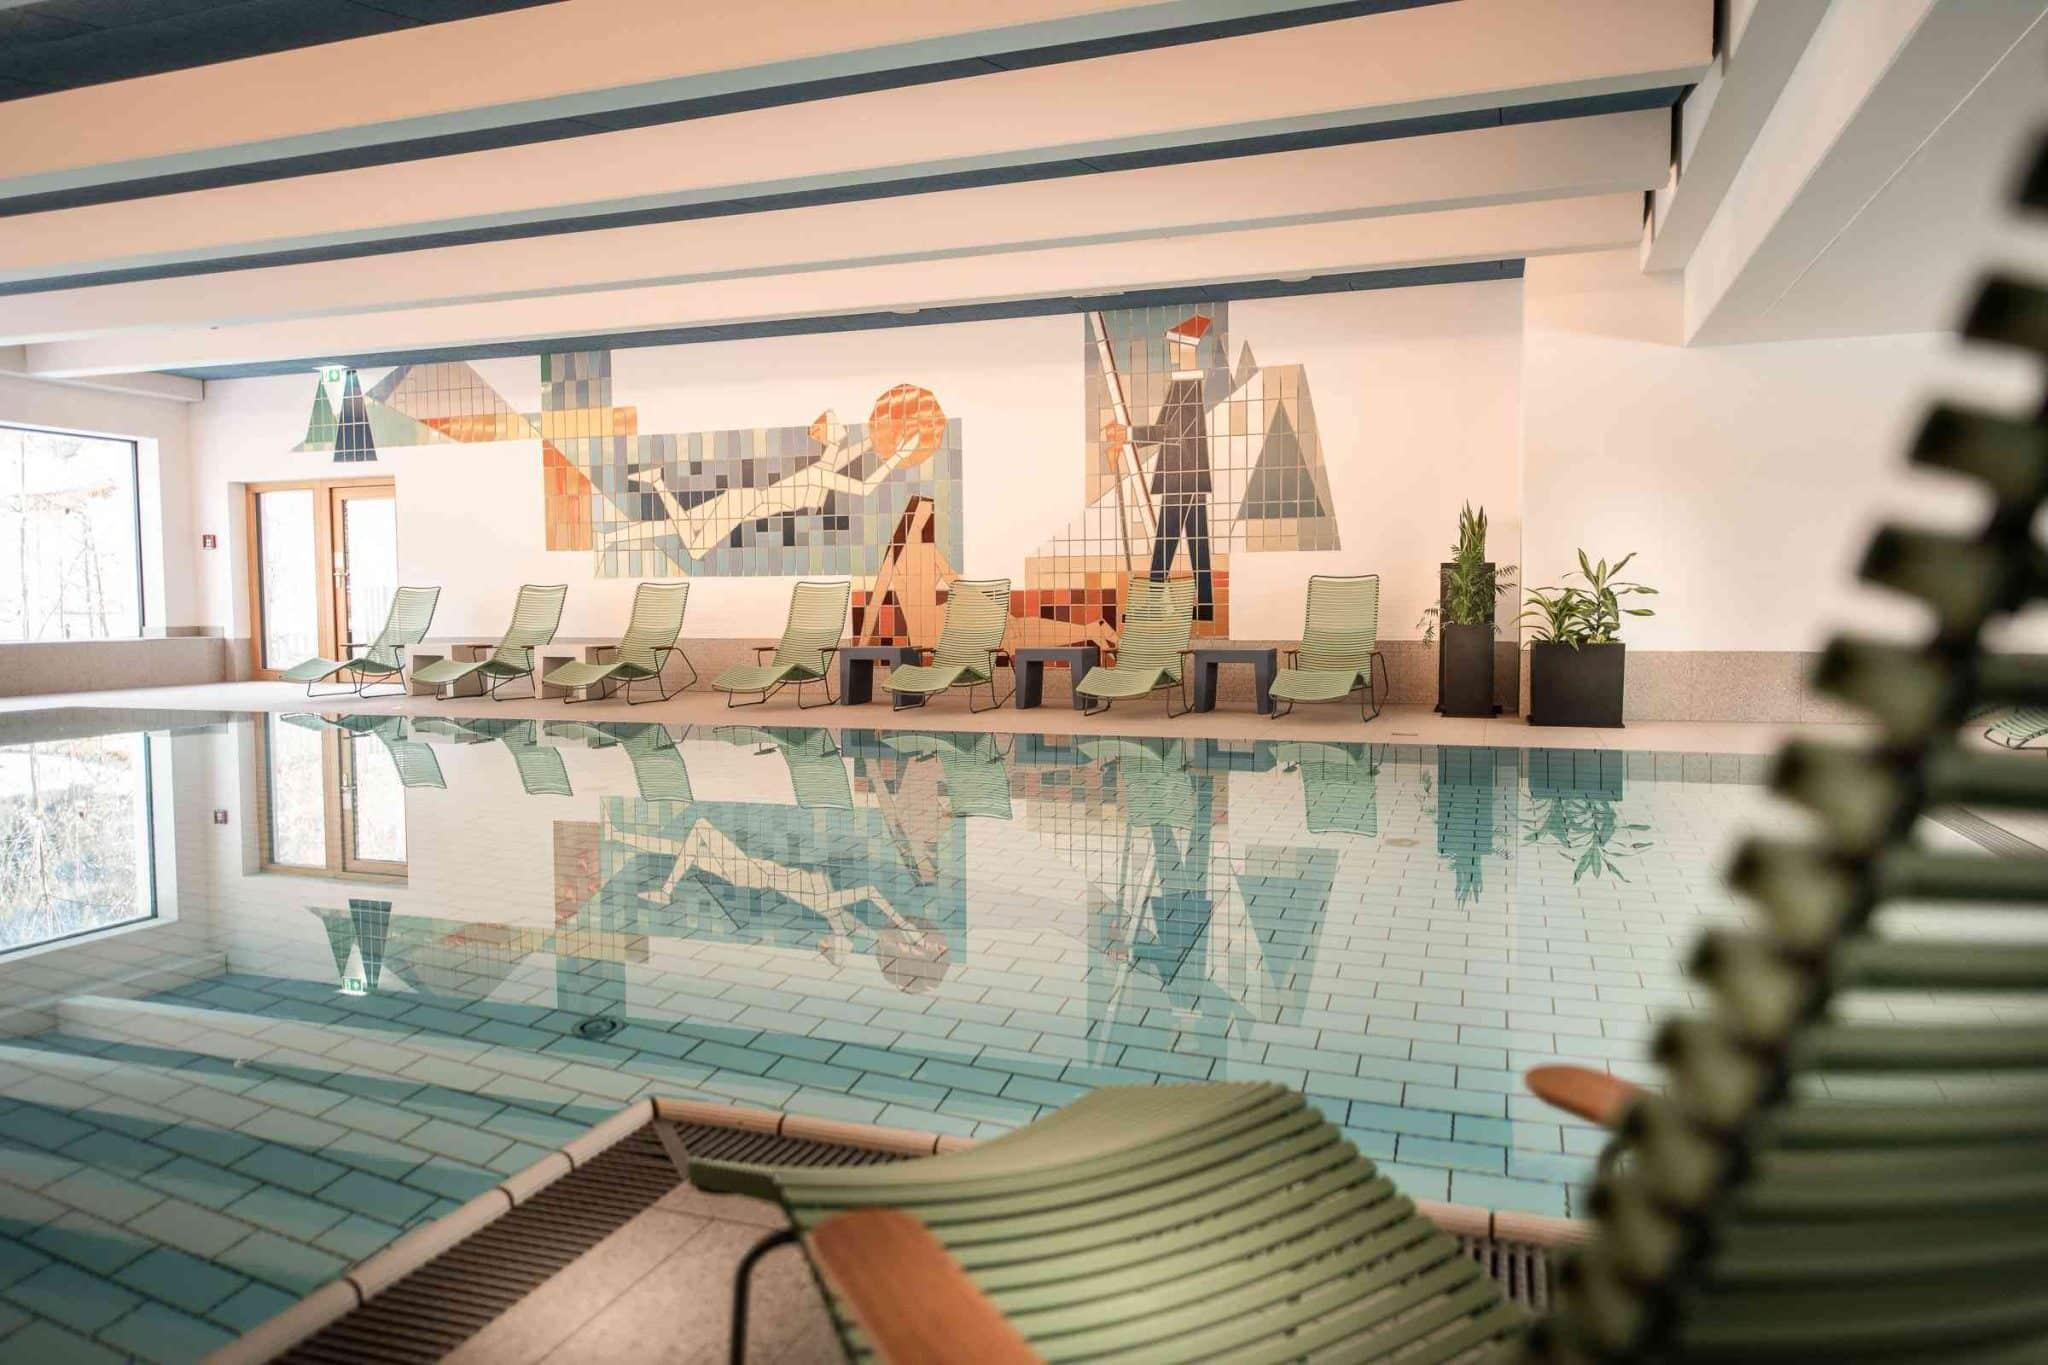 Tauernhof Umweltzeichen Hotel Hallenbad